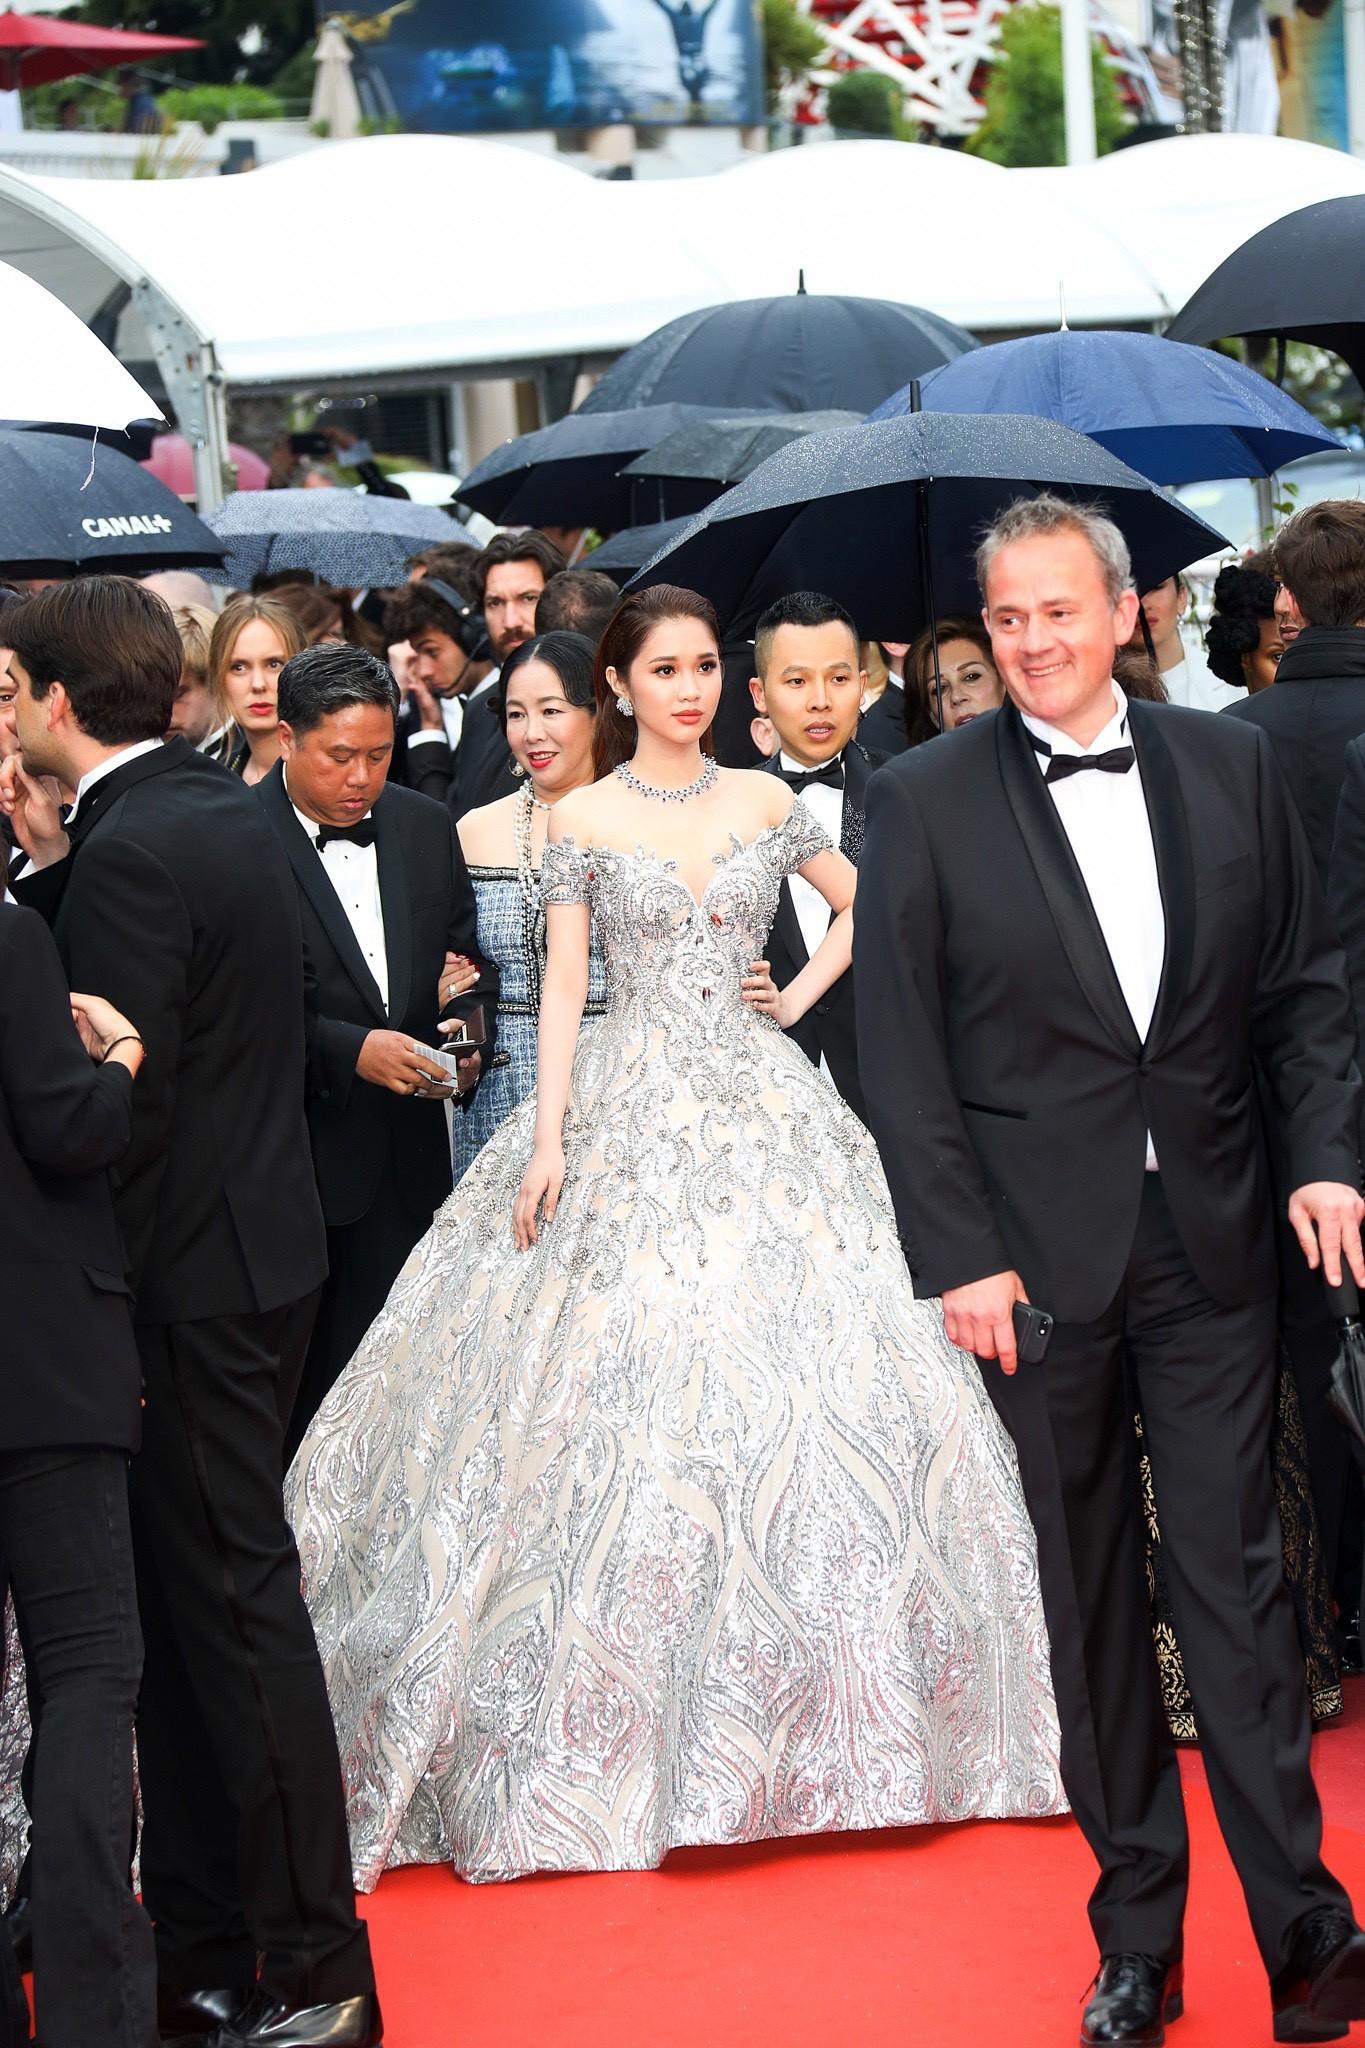 Lần đầu đến Cannes, bản sao Ngọc Trinh xuất hiện lộng lẫy trên thảm đỏ với trang sức tiền tỷ - Ảnh 1.